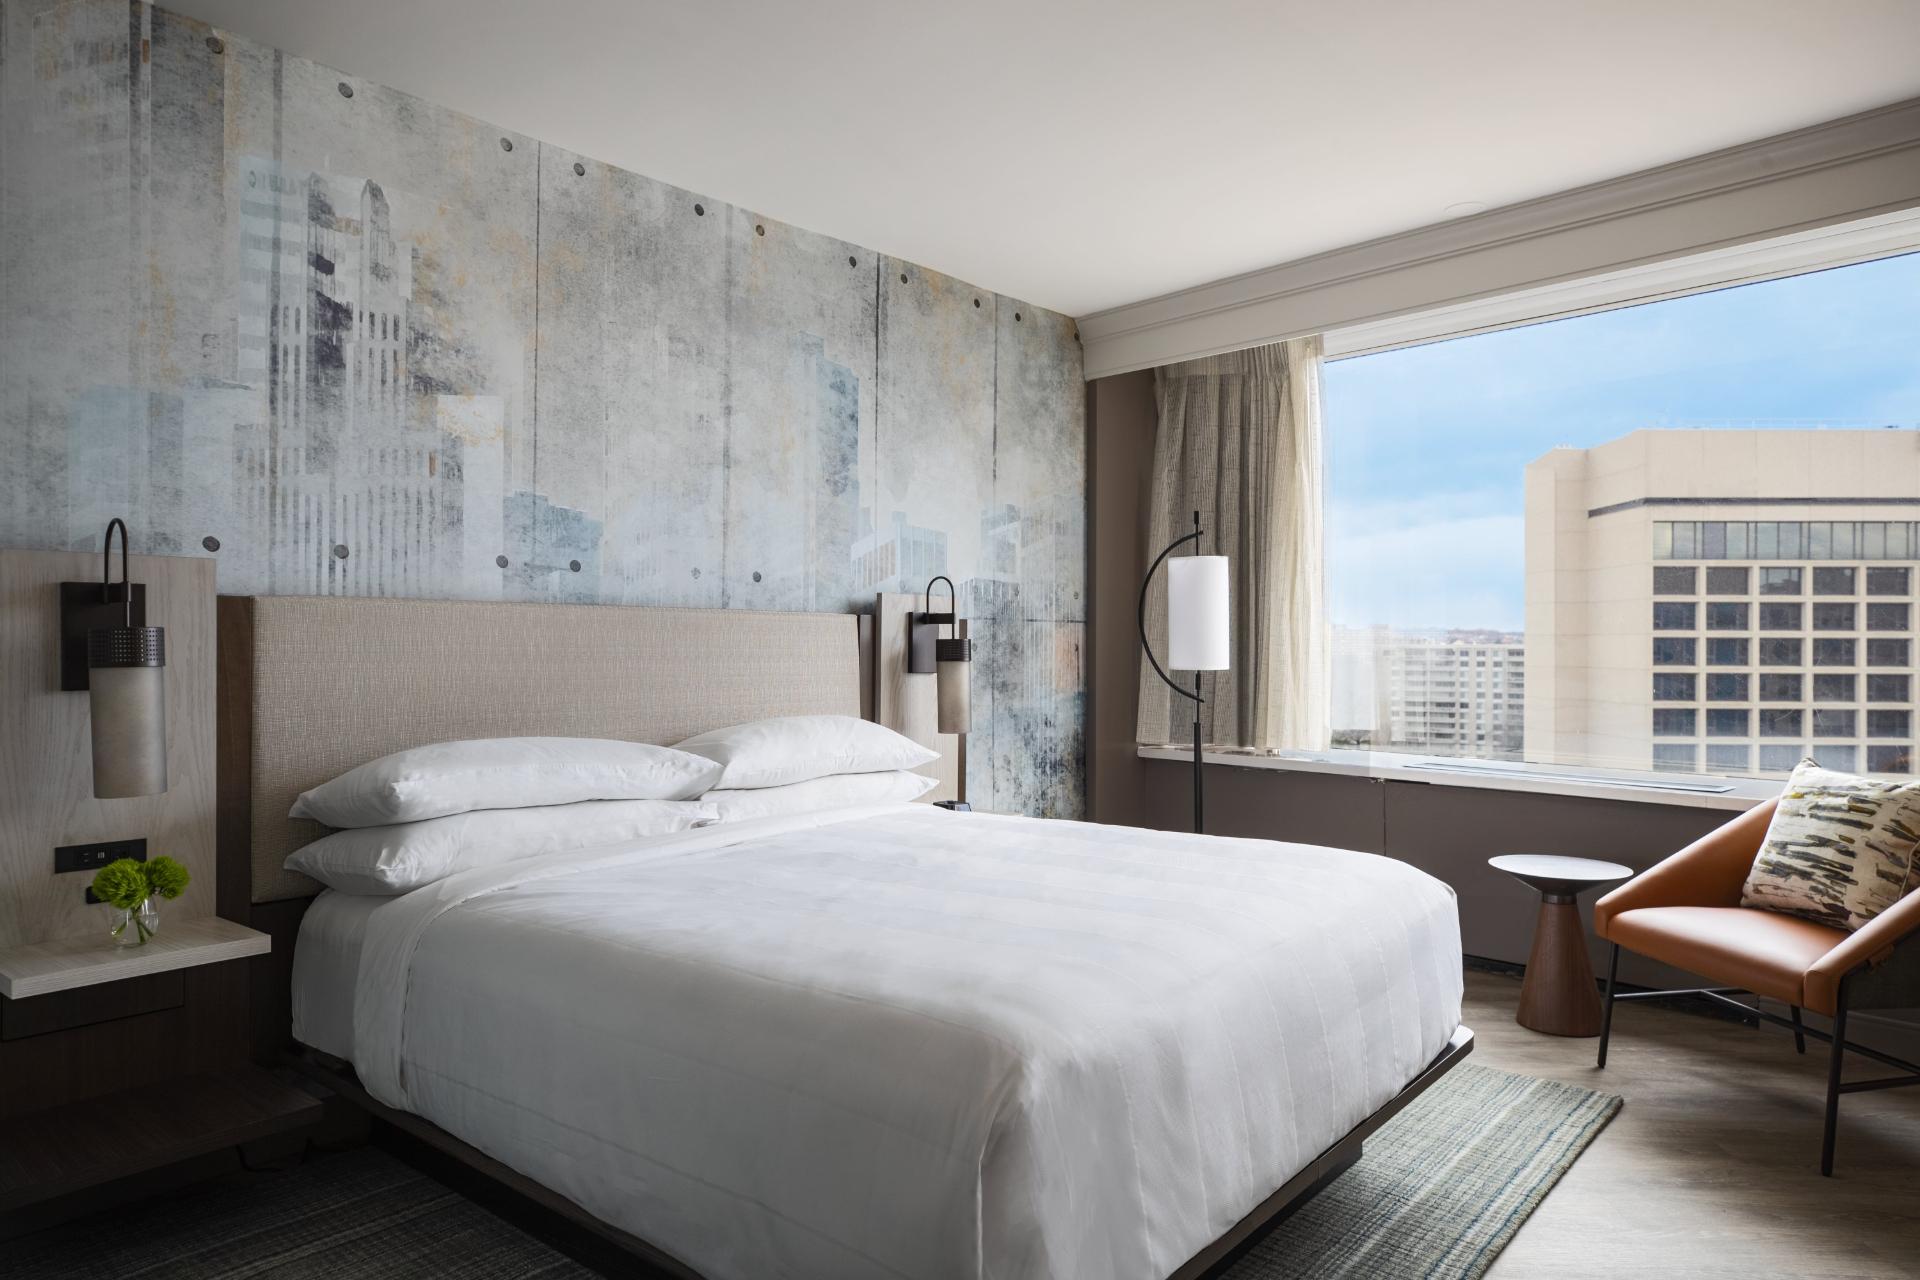 Crystal City Marriott bedroom suite